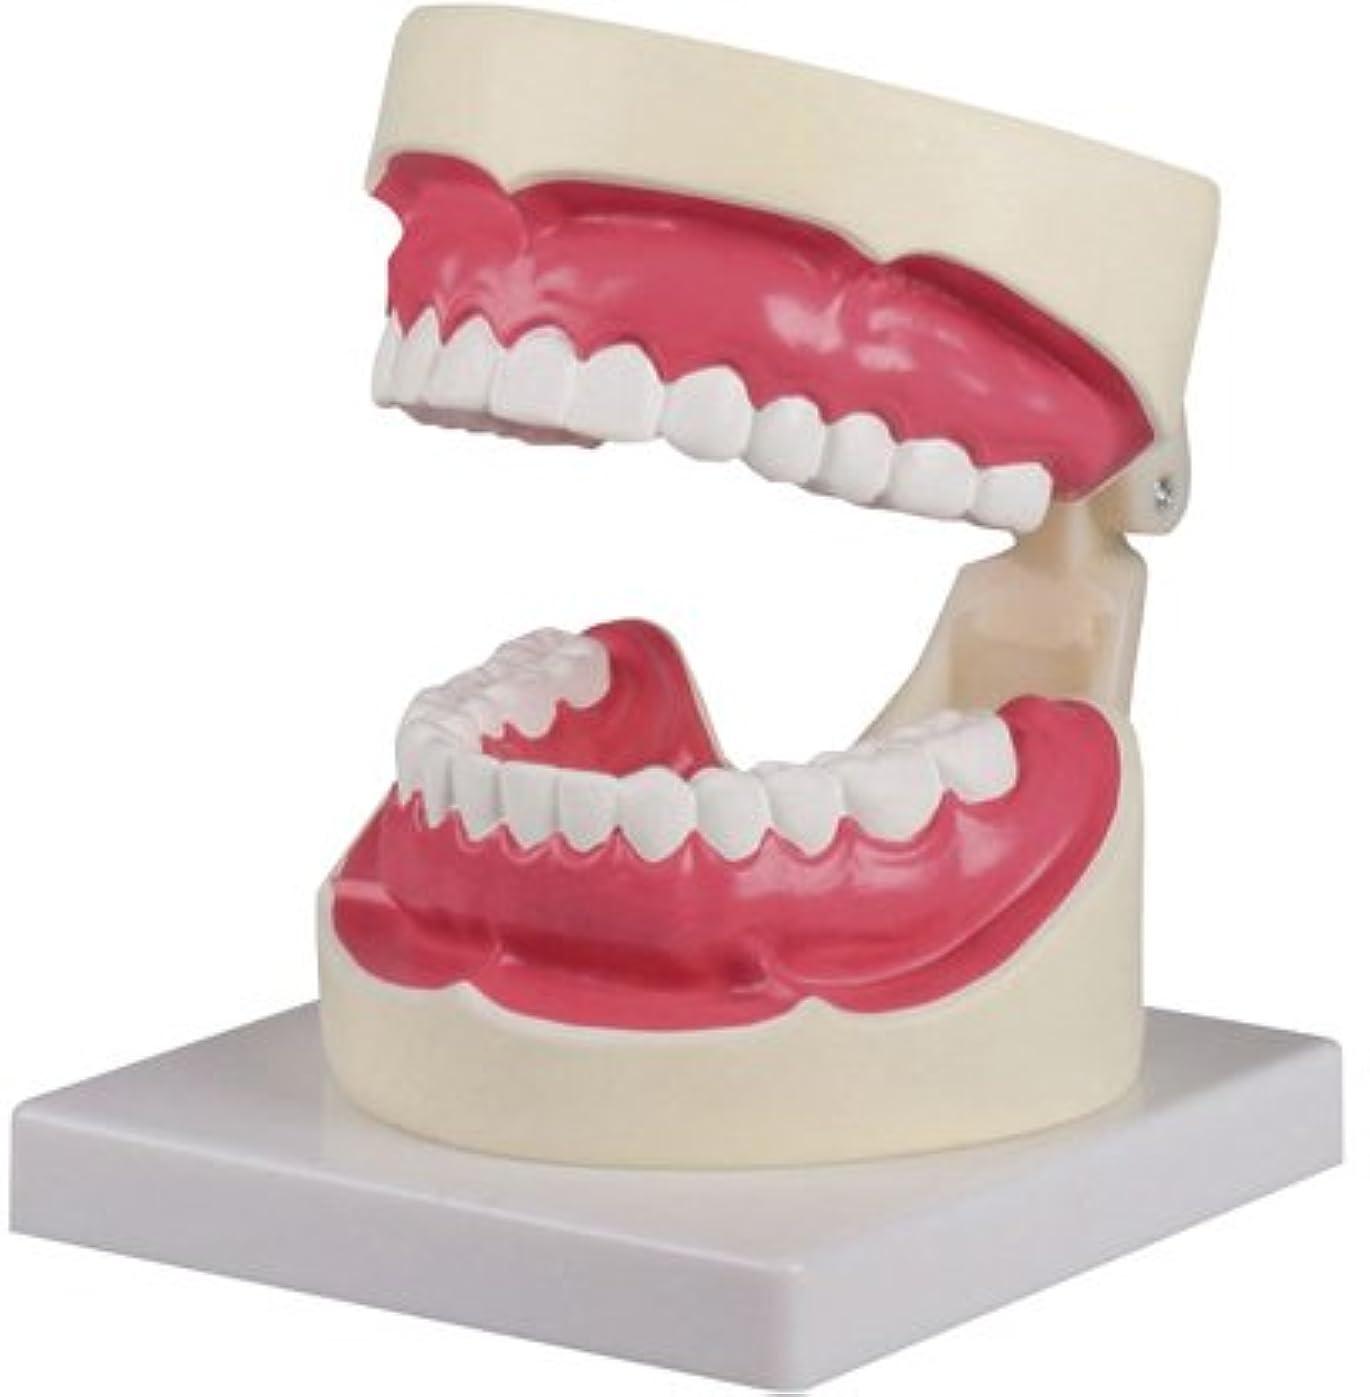 息子慣性誘惑する歯磨き(口腔ケア)指導模型1.5倍大 D217 ?????(??????)???????(24-6839-00)【エルラージーマー社】[1個単位]